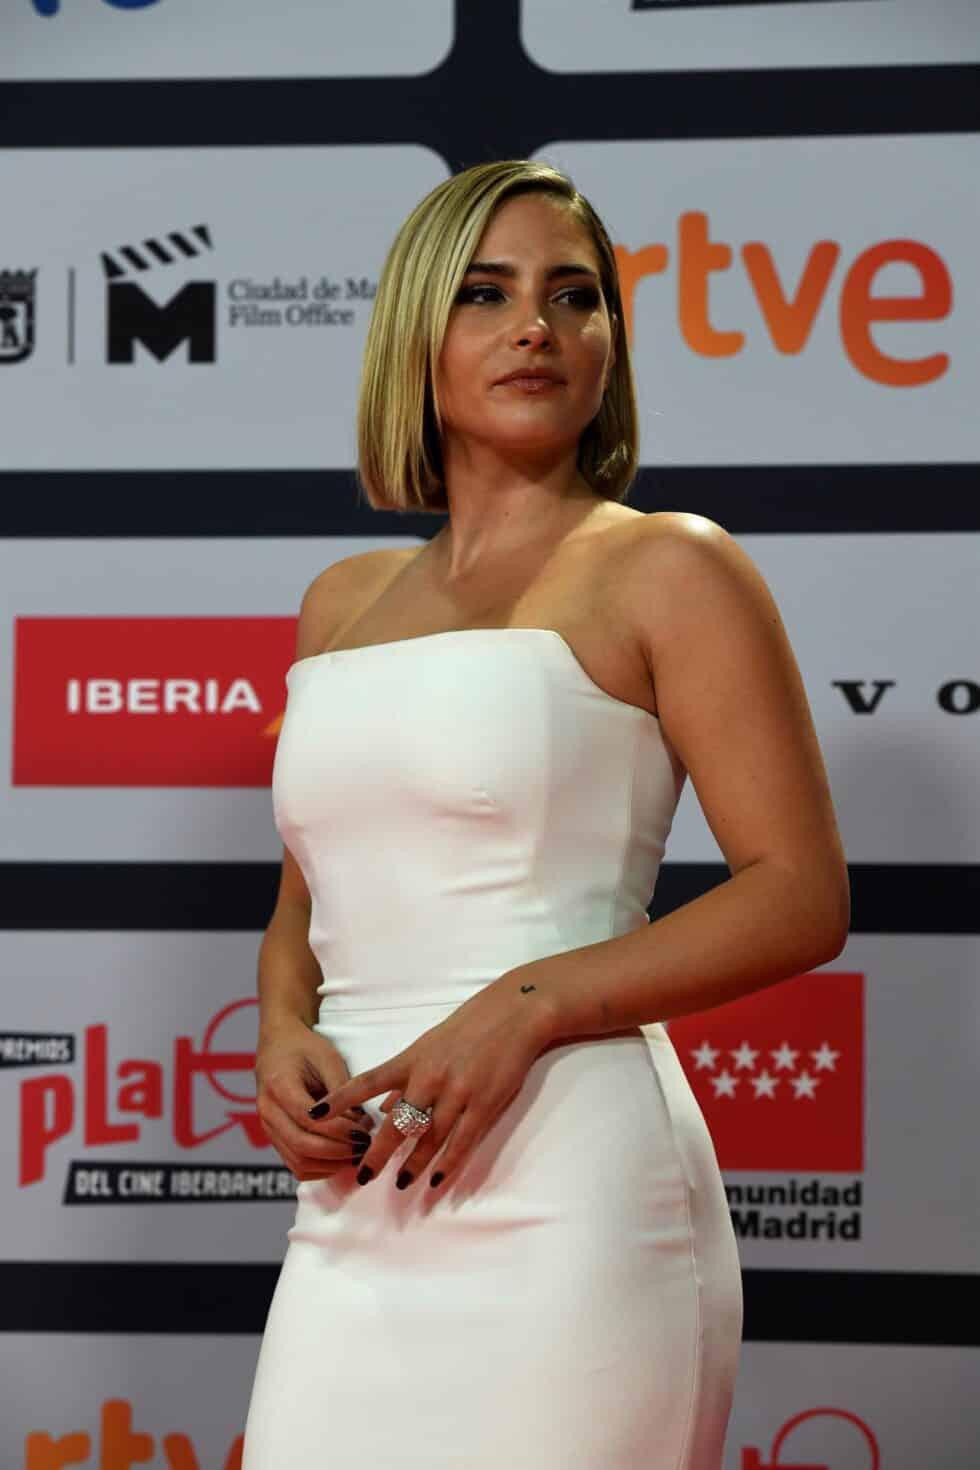 La actriz Andrea Duro, a su llegada a la ceremonia de entrega de los Premios Platino del Cine y el Audiovisual Iberoamericano que se celebra este domingo en Madrid